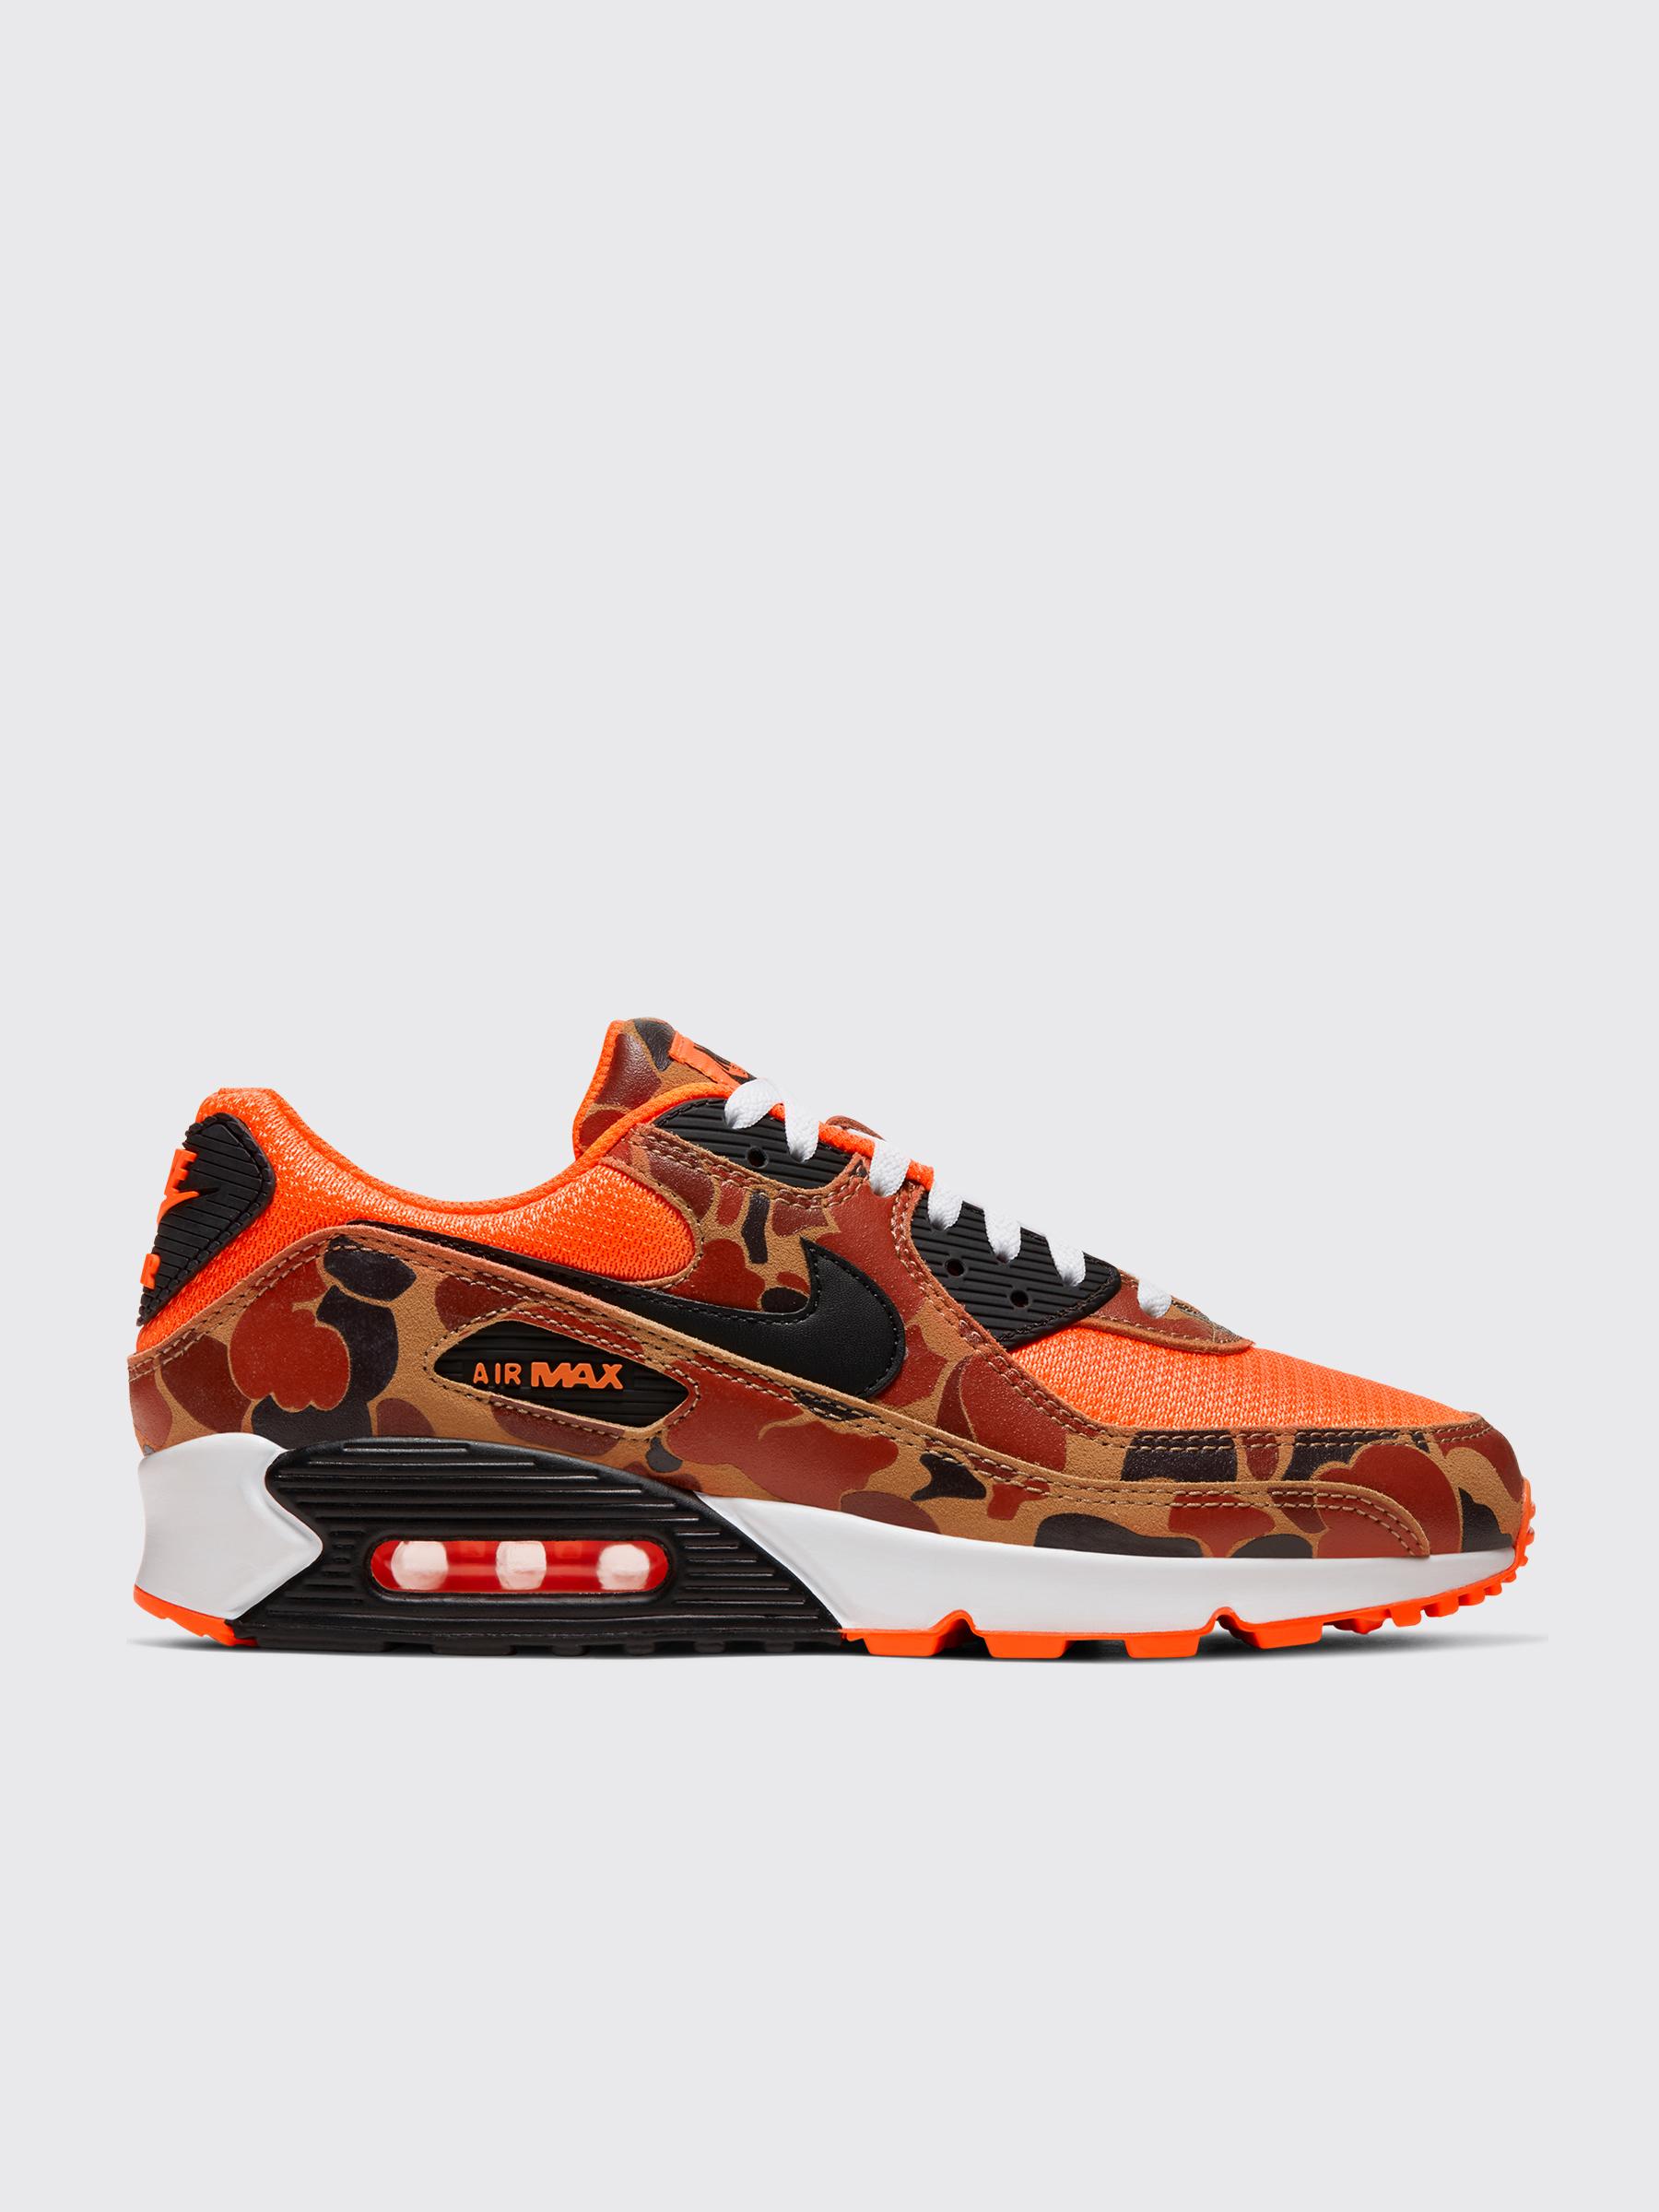 Nike Air Max 90 SP Total Orange Black